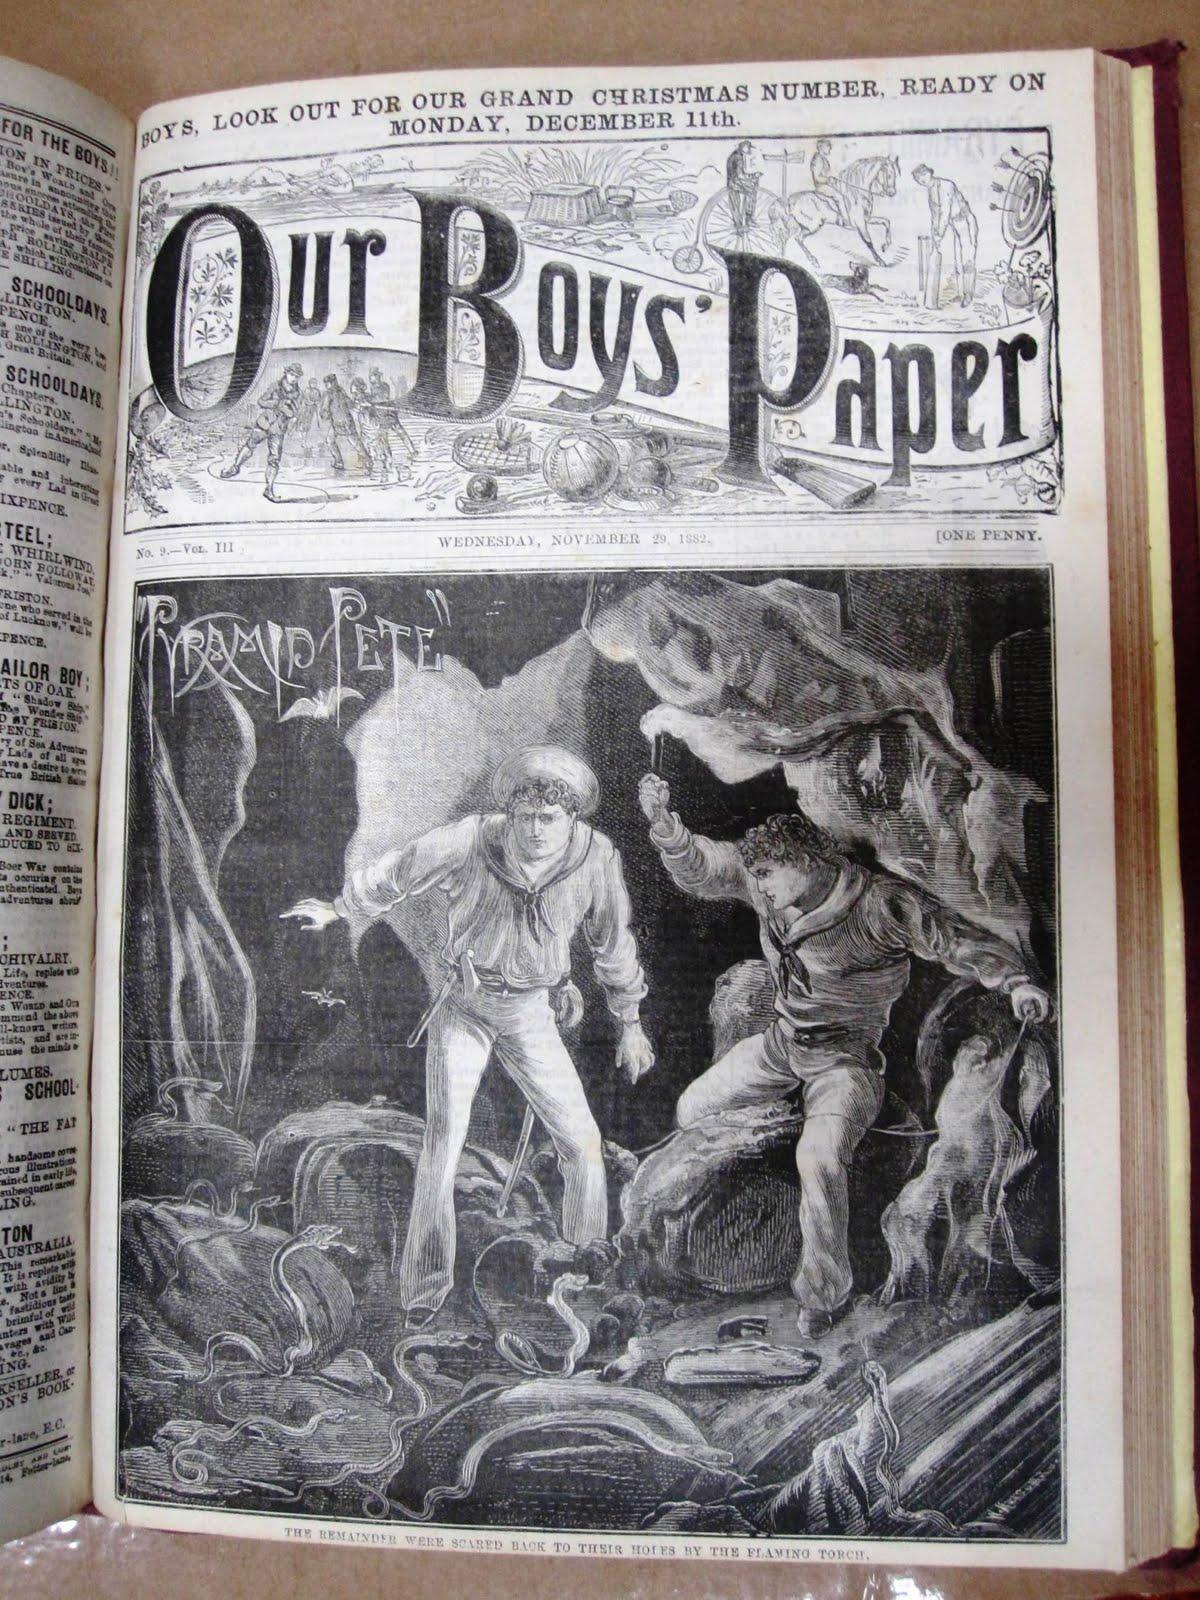 http://4.bp.blogspot.com/-6dmHHx2Xxmc/Tj7OOqY9ljI/AAAAAAAAUts/Ti-vHXG_I6M/s1600/Our_boys_paper.jpg